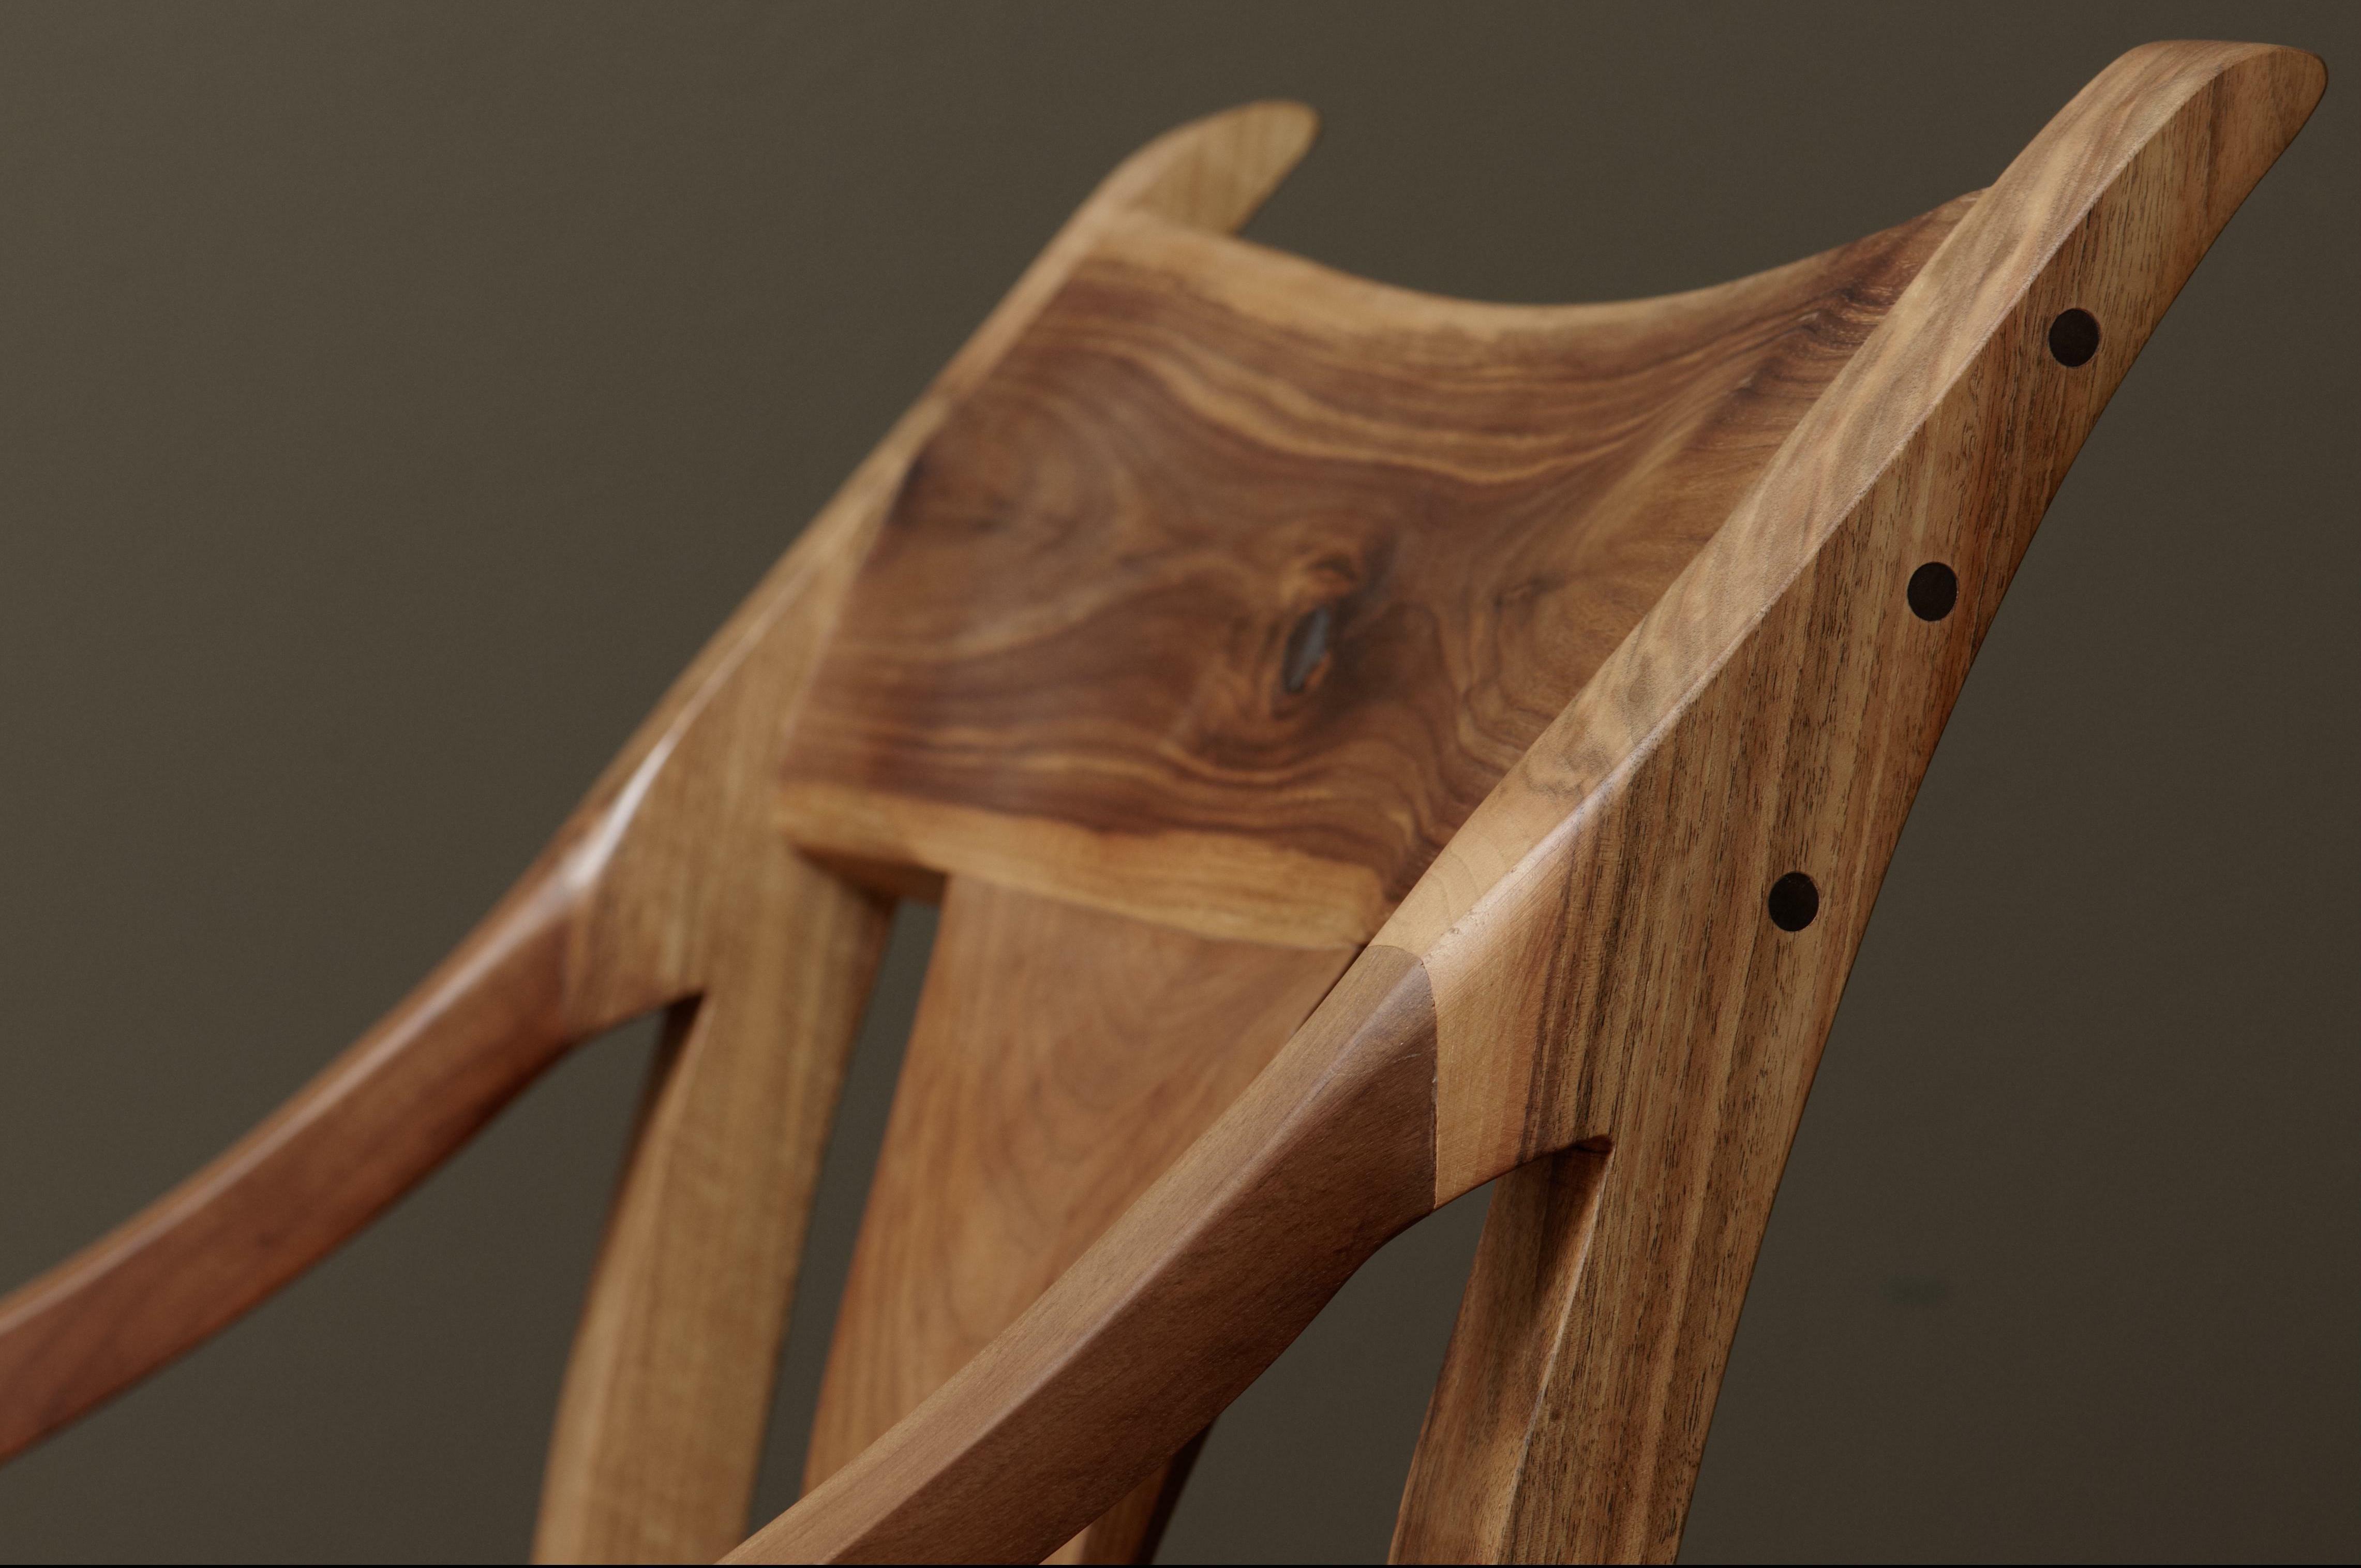 kontakt michael daschner schreinerei murnau. Black Bedroom Furniture Sets. Home Design Ideas